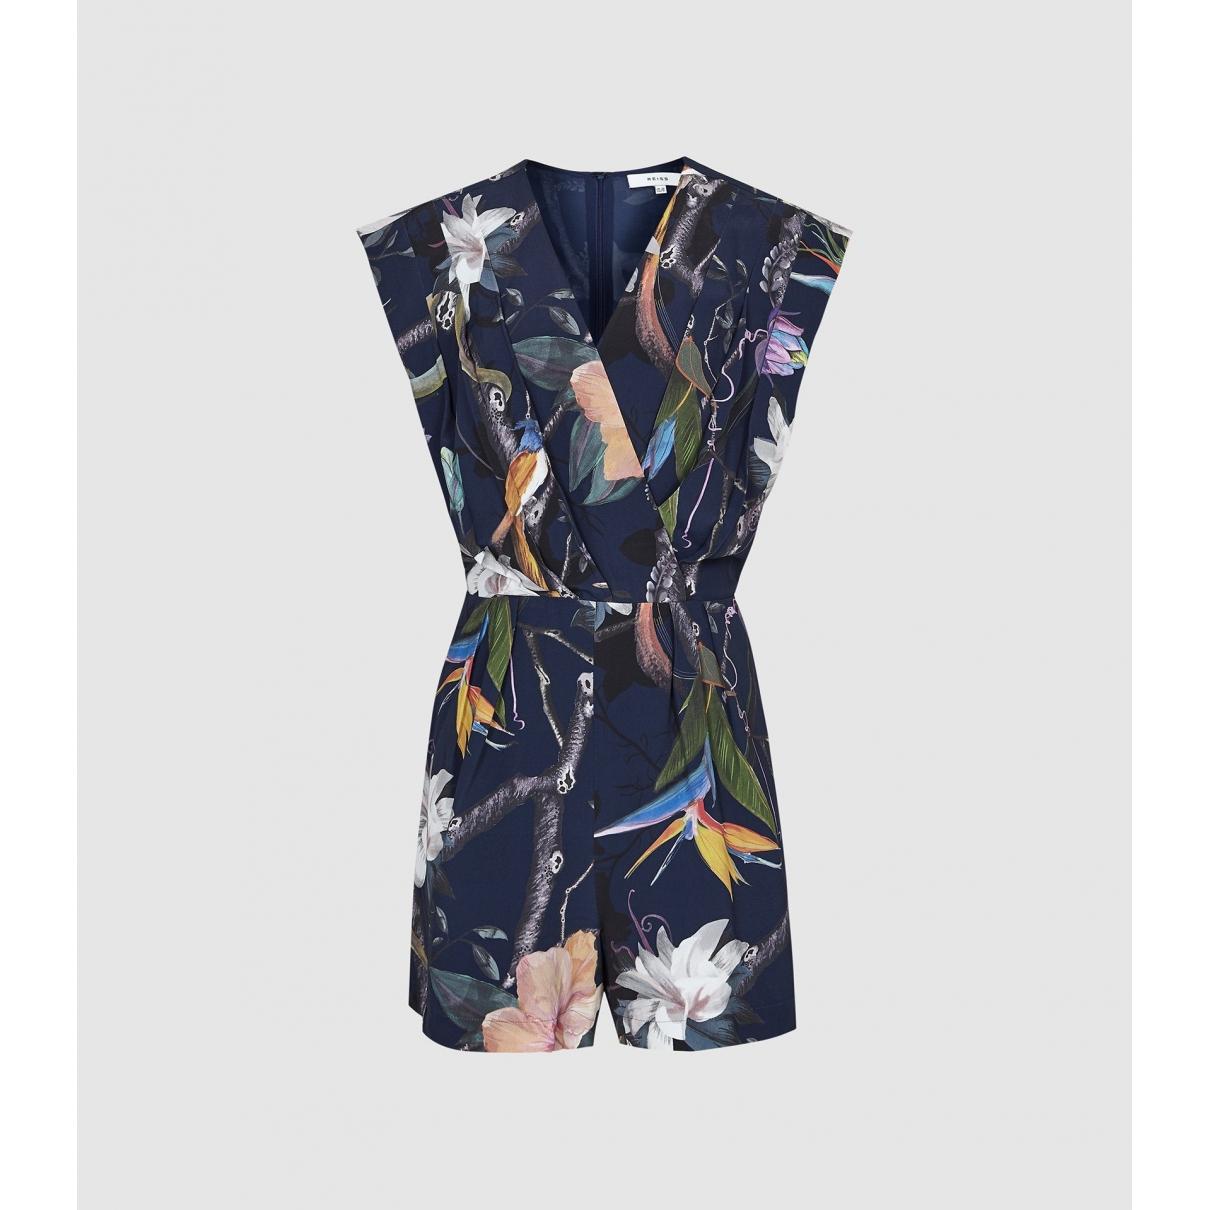 Reiss \N Navy jumpsuit for Women 6 UK